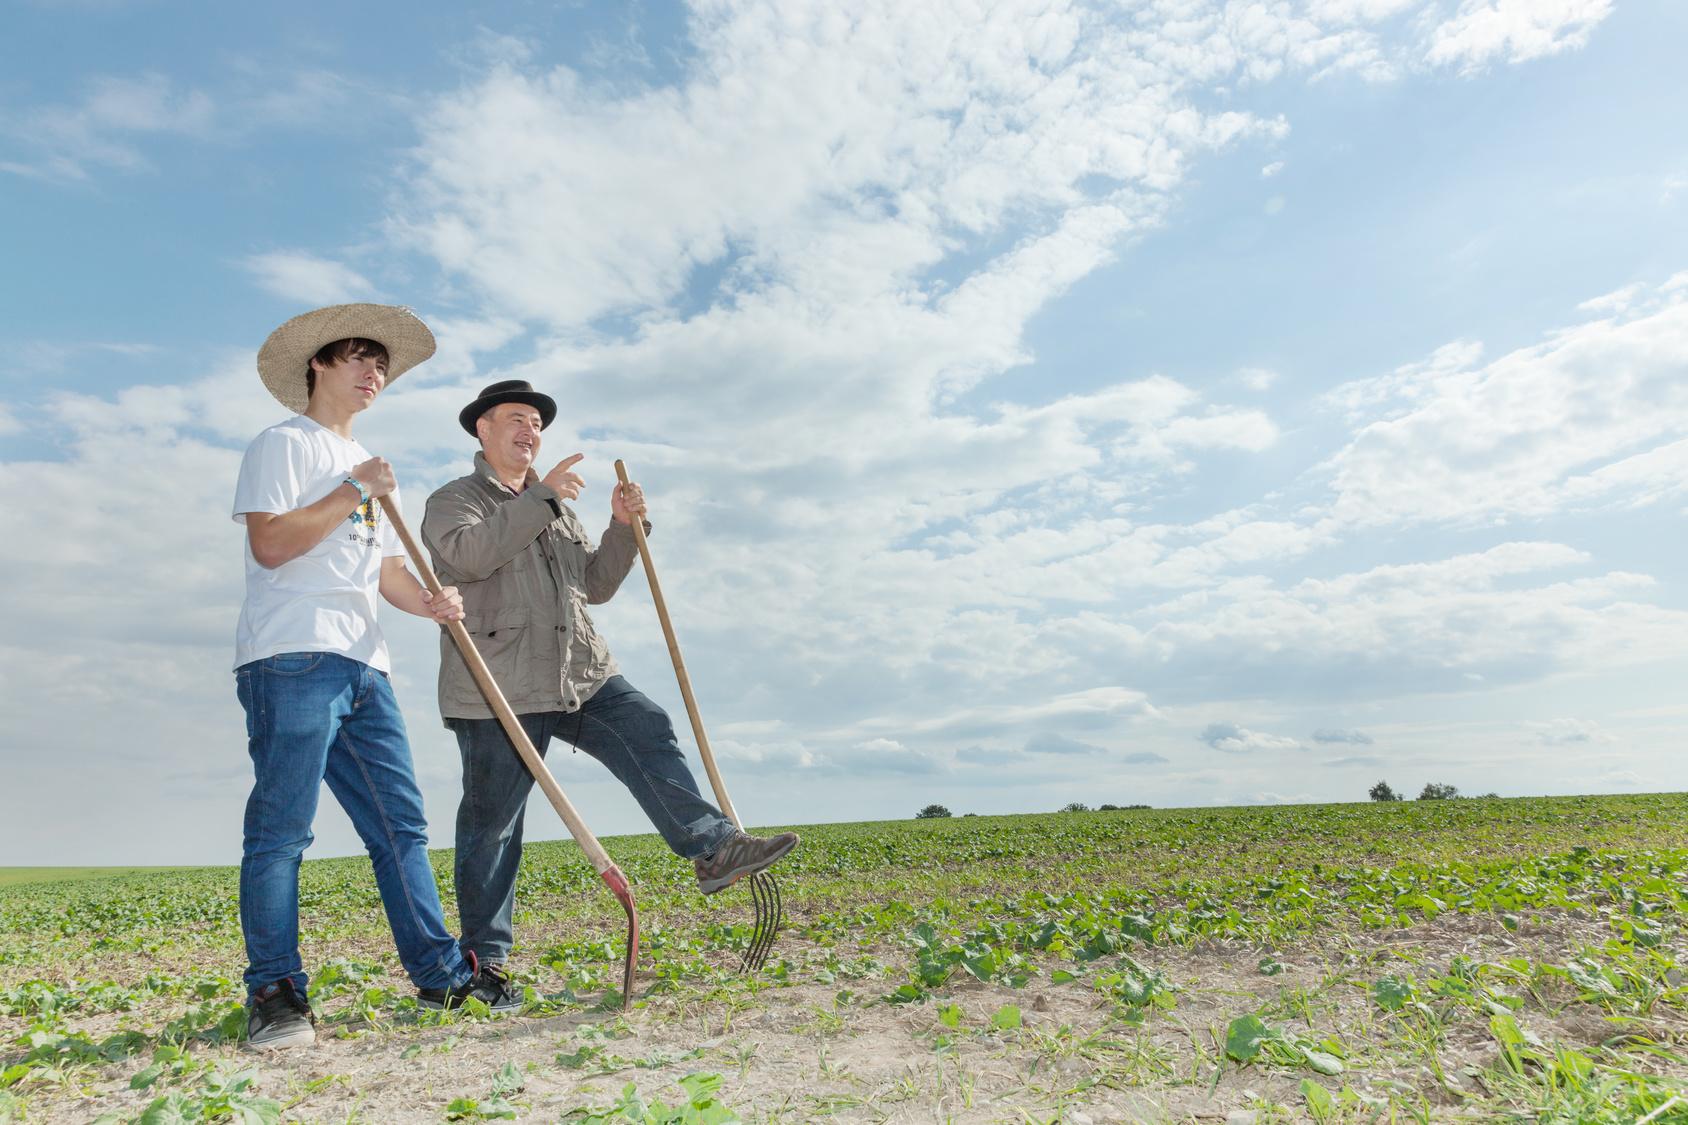 Jaki kierunek wybrać, by przejąć gospodarstwo rolne po rodzicach?